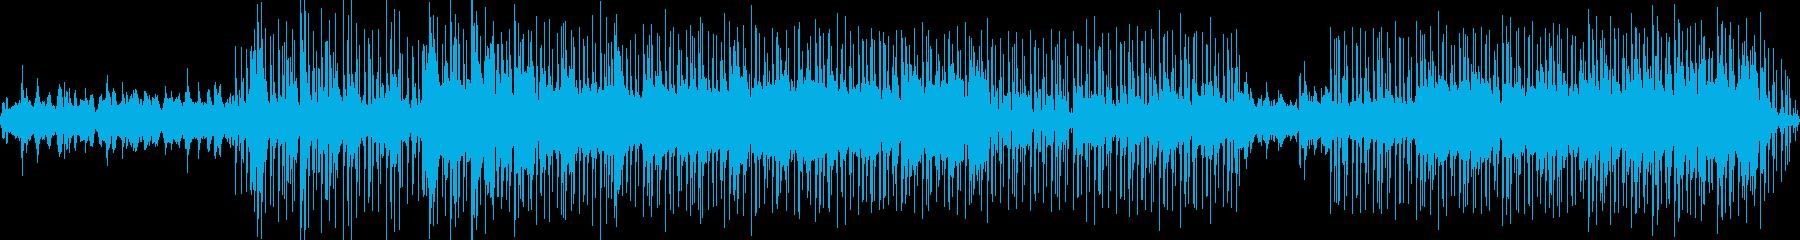 日常風景を感じるおだやかなBGMの再生済みの波形